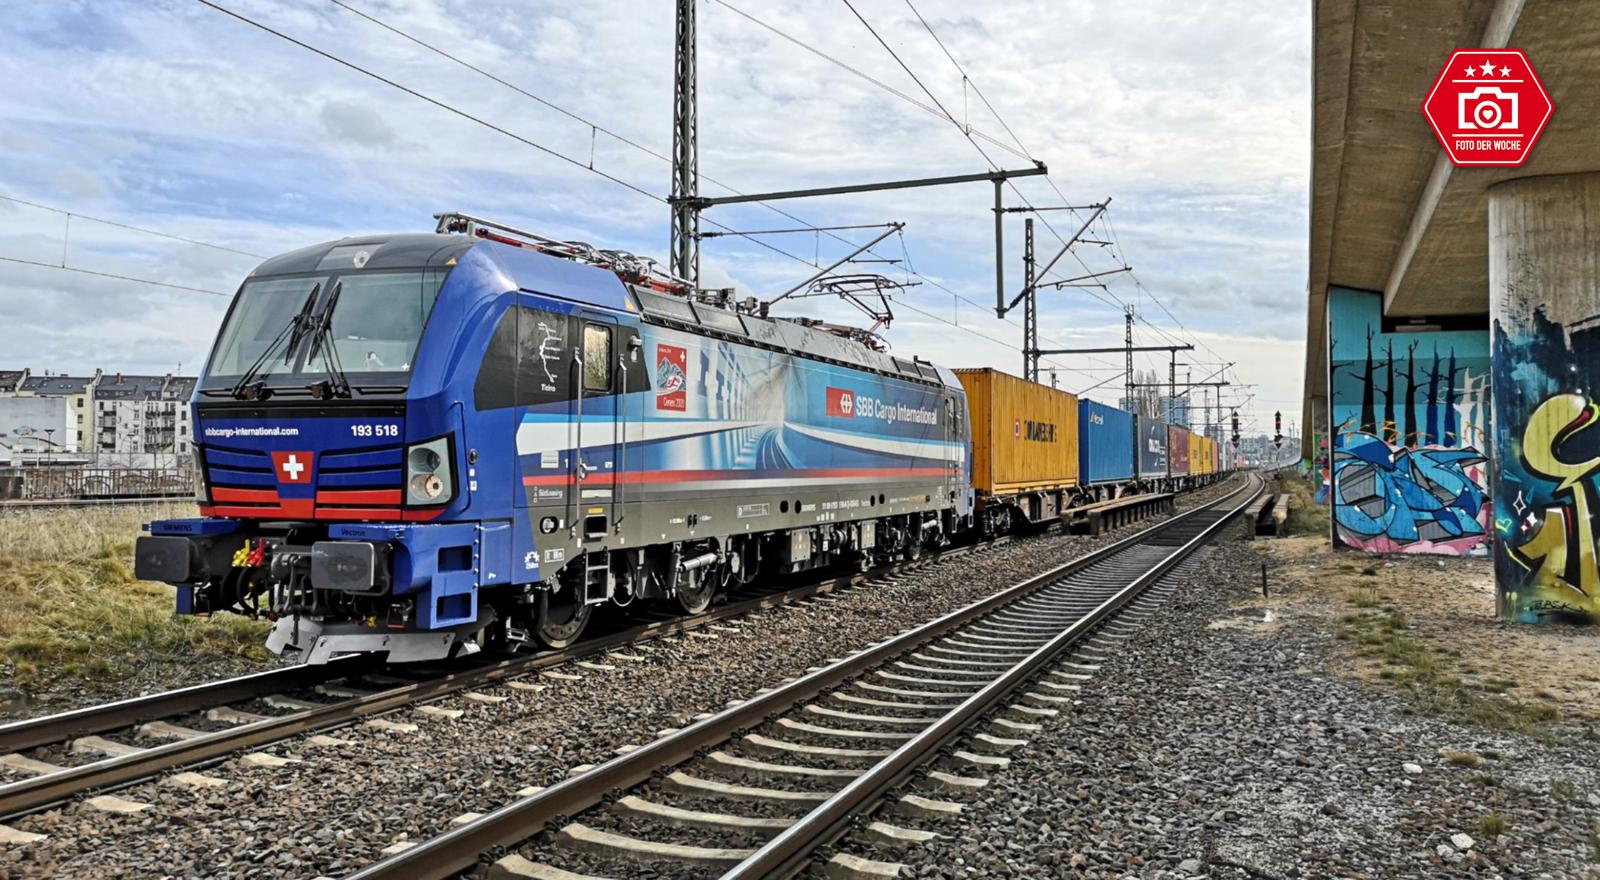 ©Foto: André Rosendahl   railmen   SBB in Mainz Hauptbahnhof. Die Beklebung der Lok macht auf die Eröffnung des 22,6 km langen Ceneri-Basistunnel im Schweizer Kanton Tessin aufmerksam.